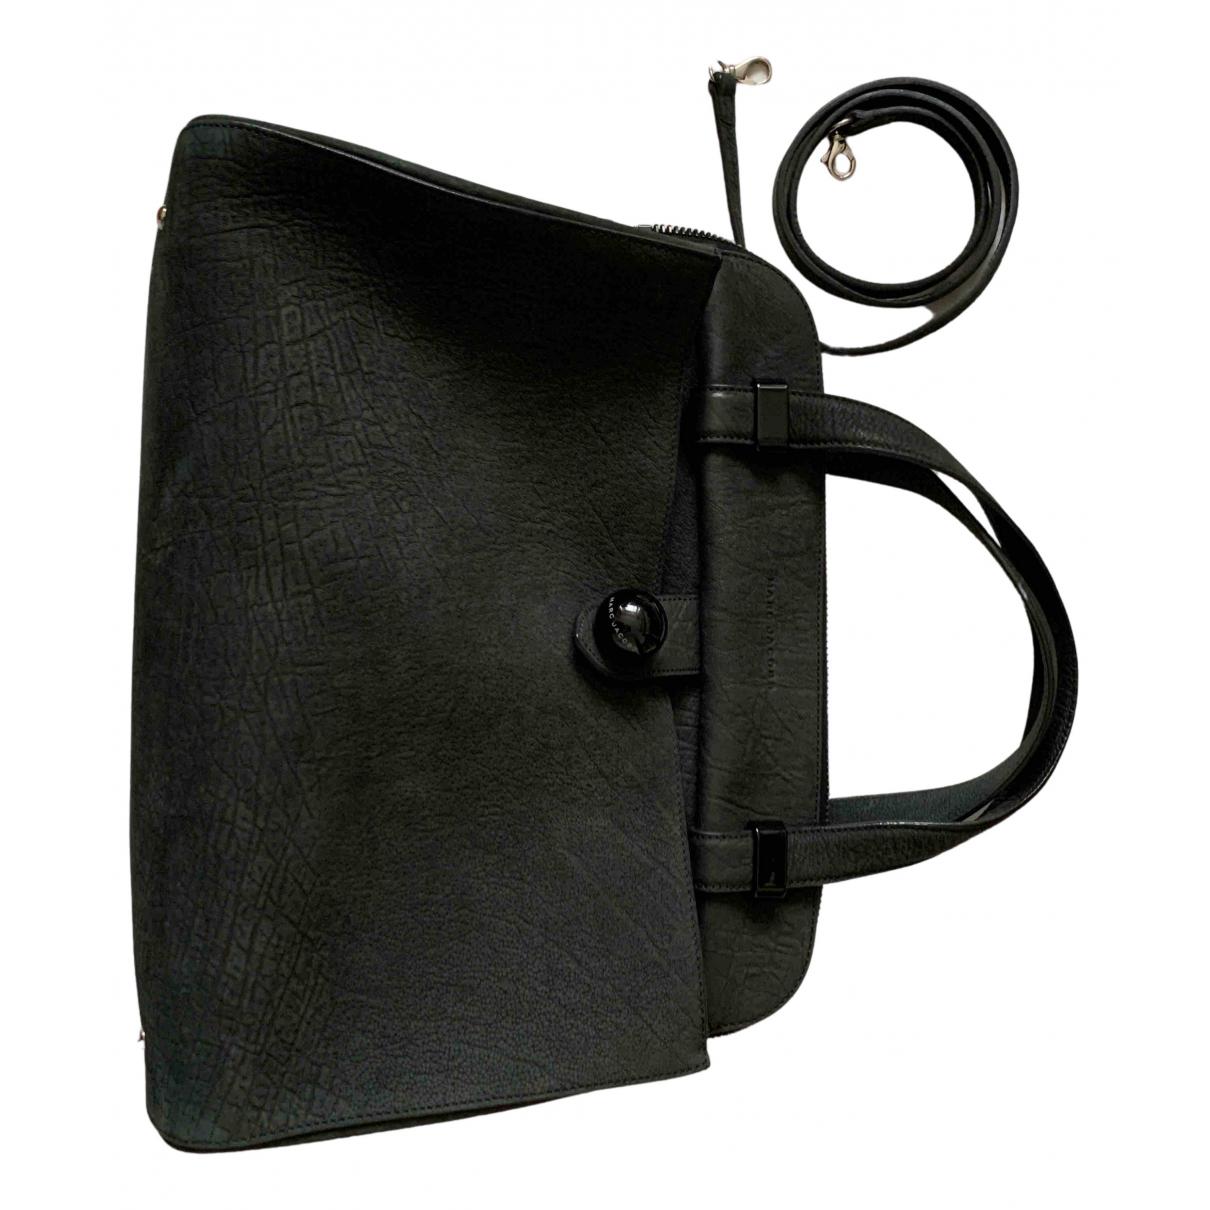 Marc Jacobs - Sac a main   pour femme en cuir - noir